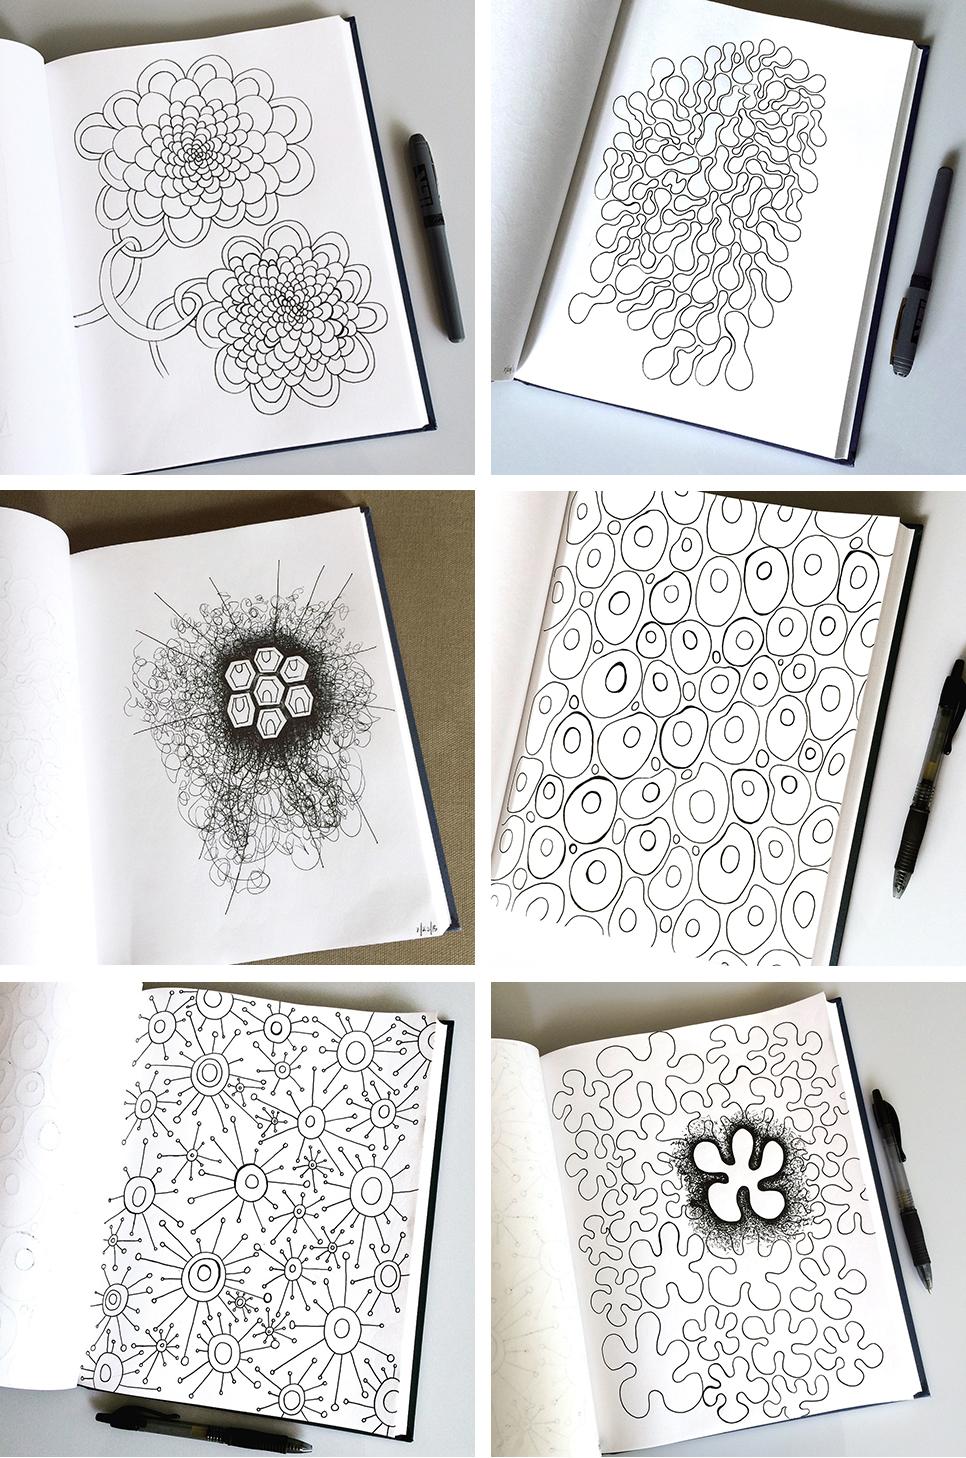 Sketchbook Pattern Drawings: Day 1-6